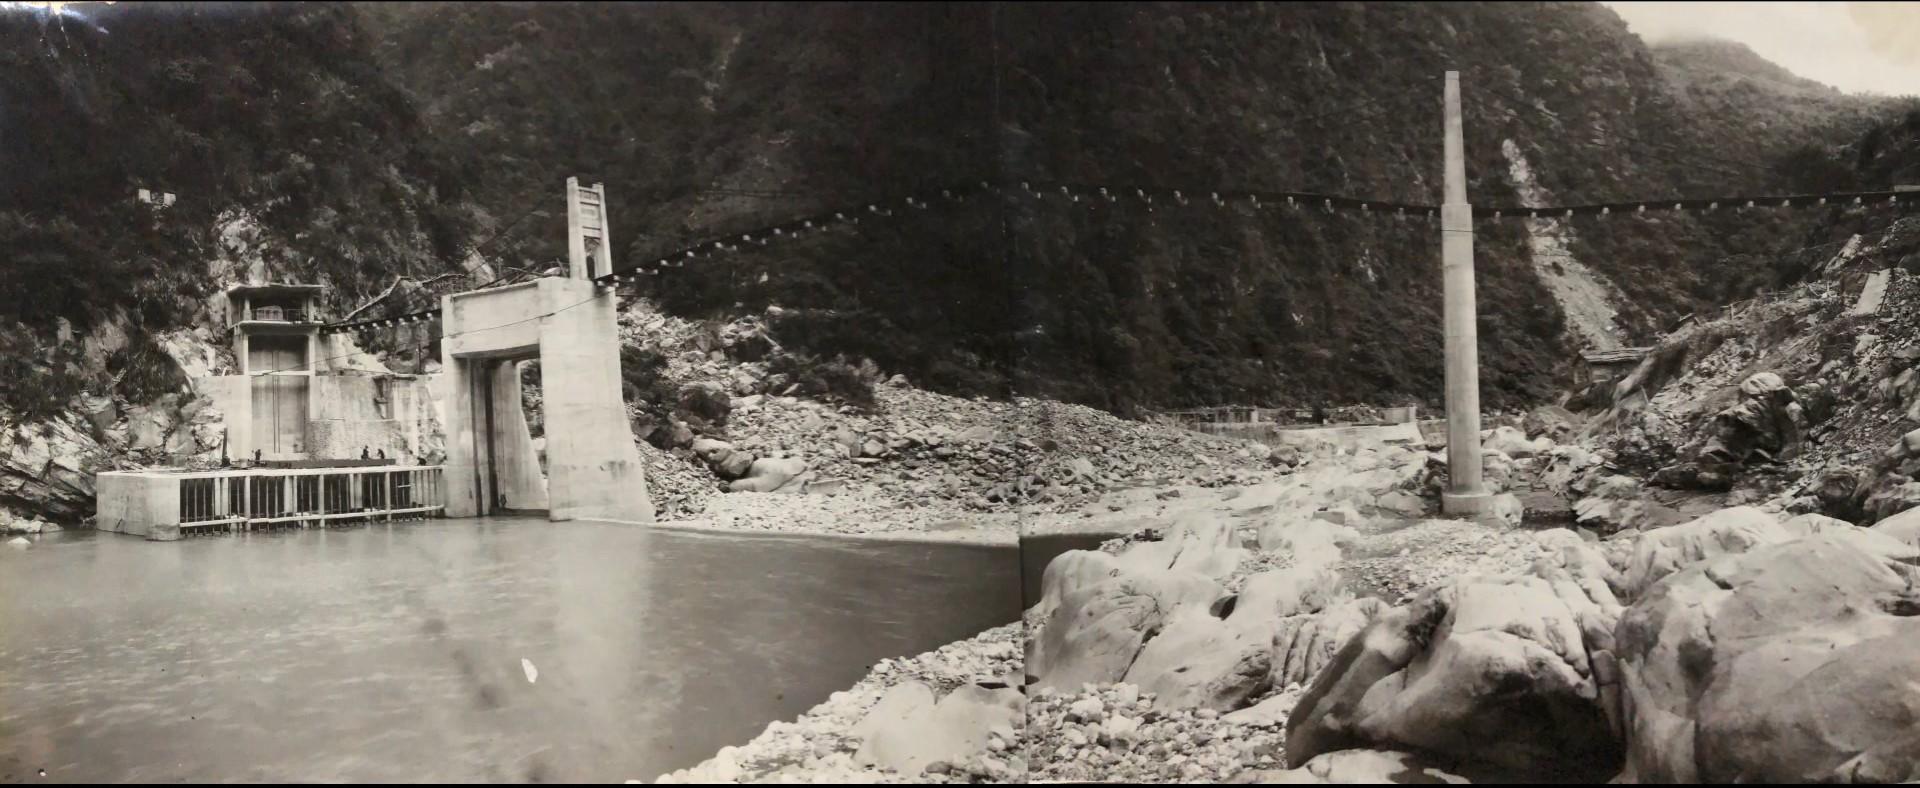 立霧溪流域溪畔壩舊照